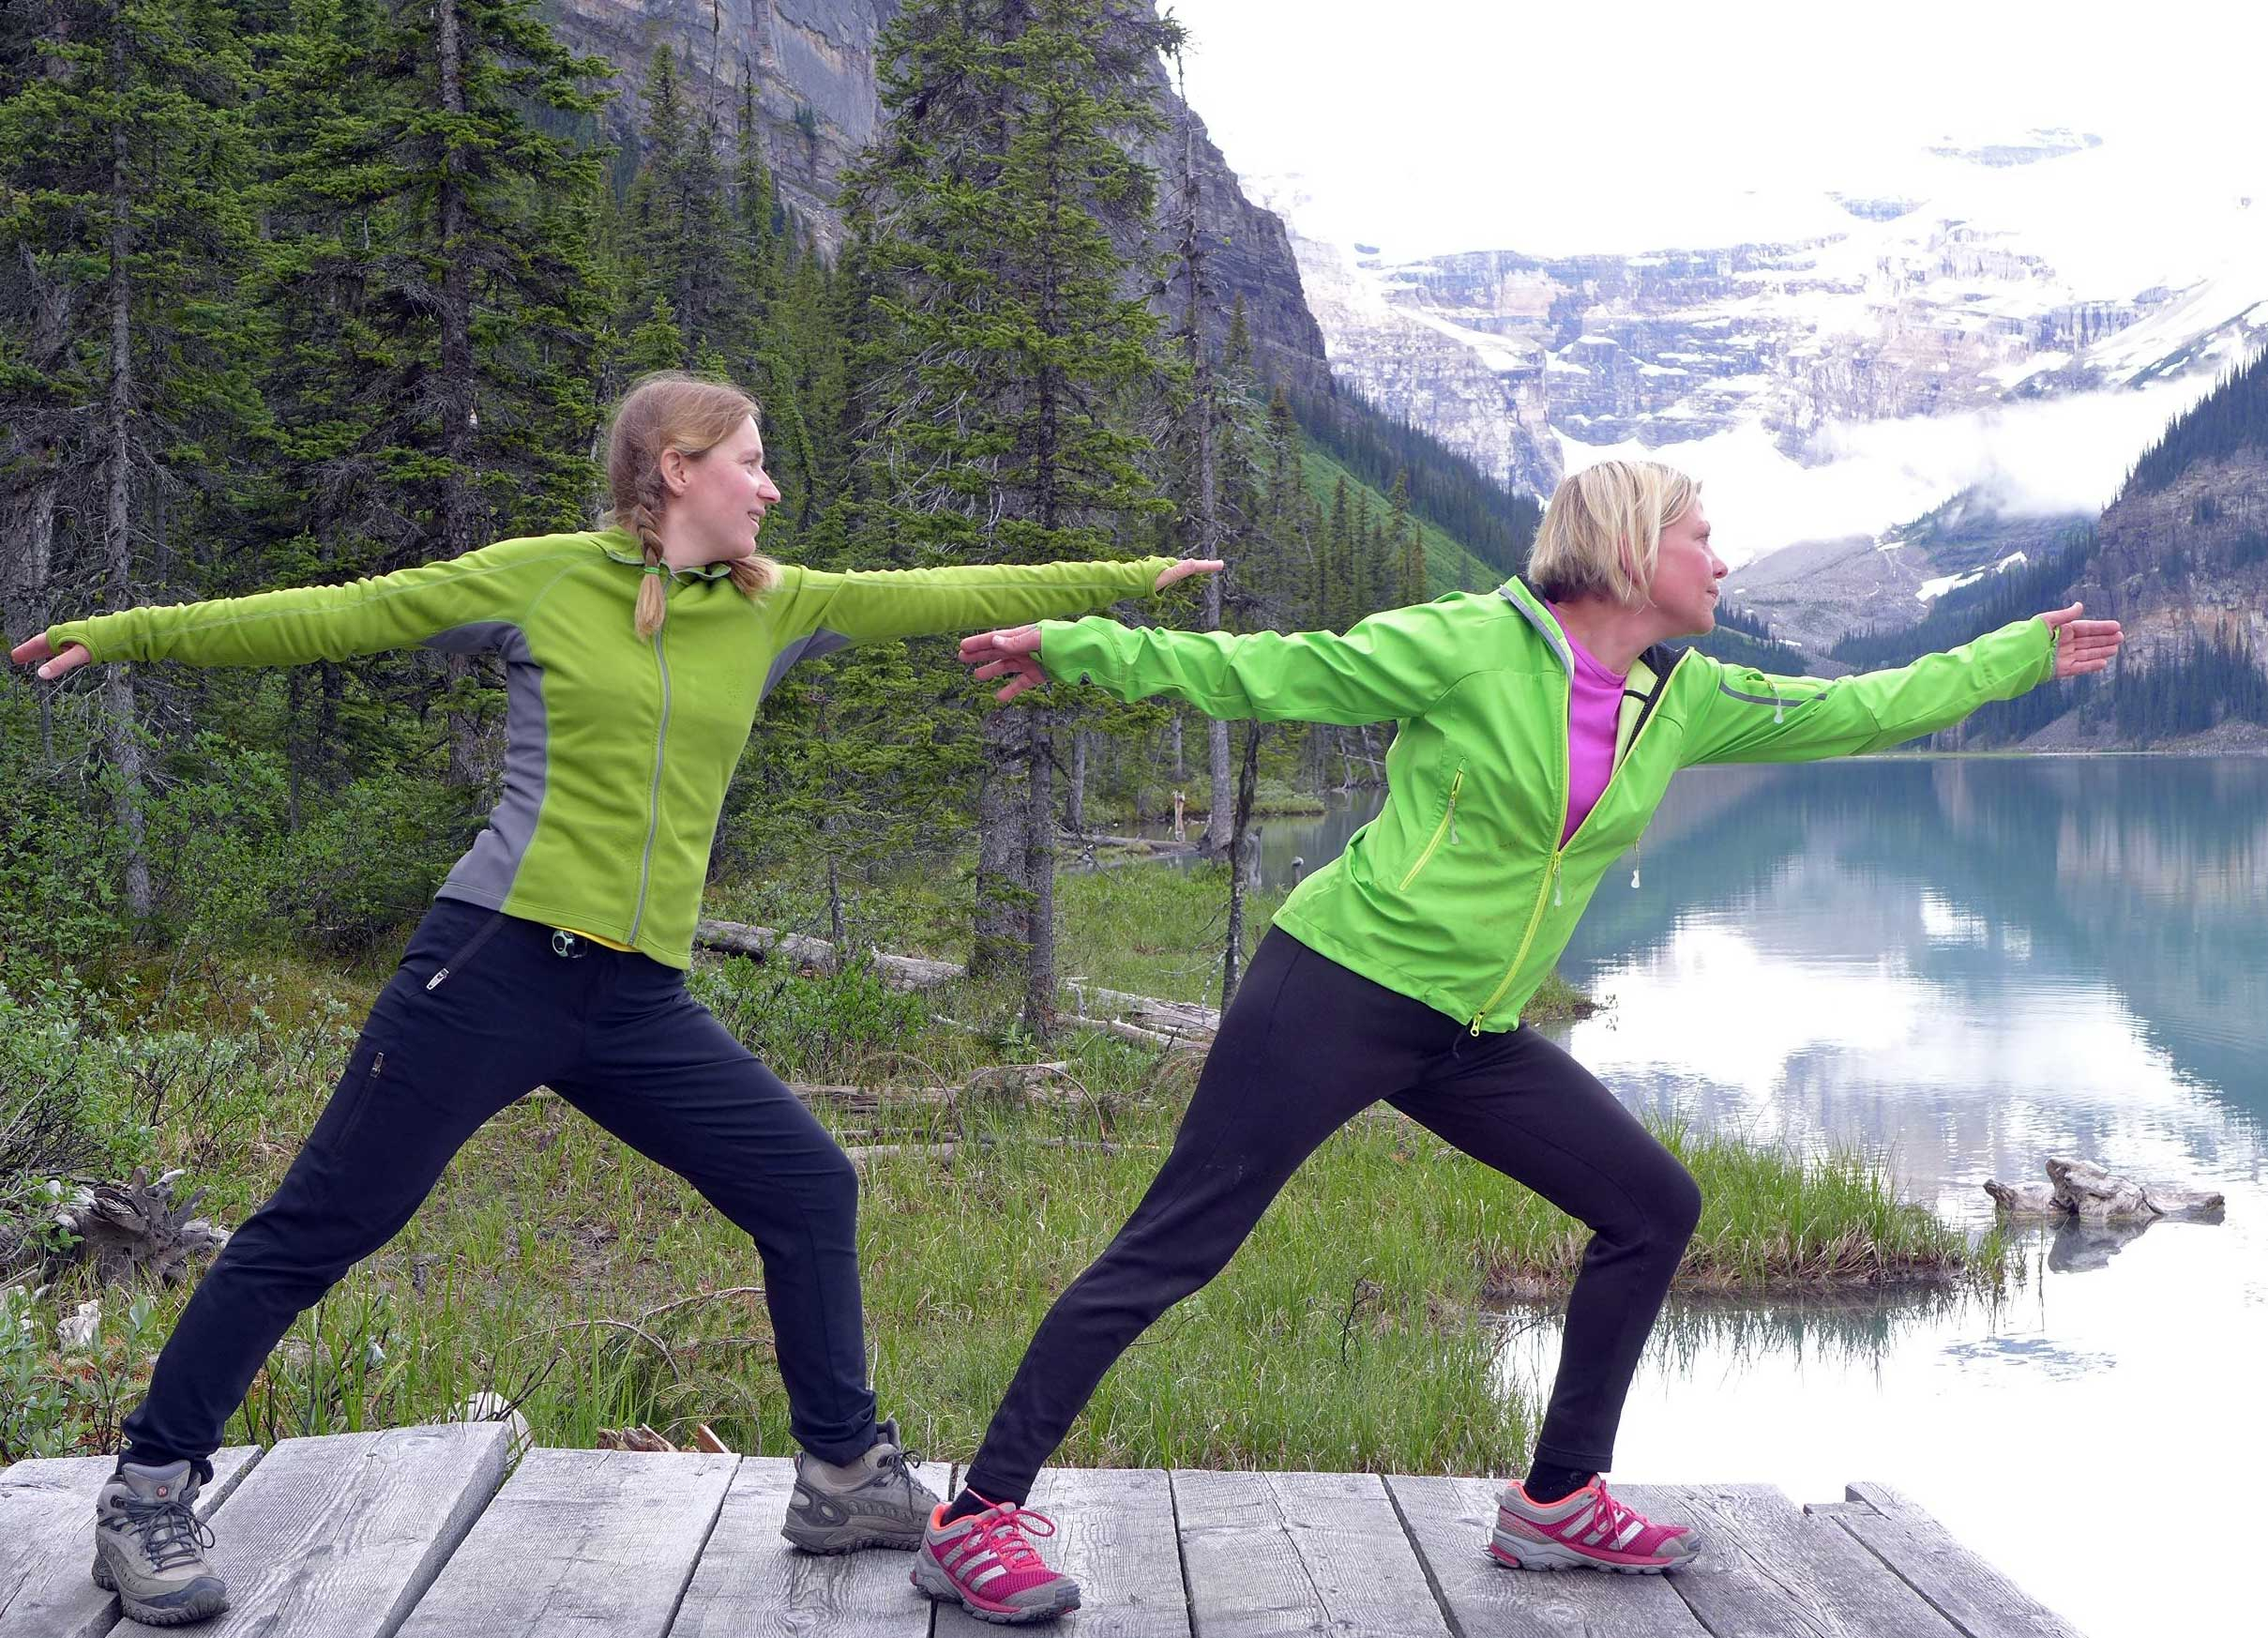 Zwei Frauen in grüner Sportkleidung machen eine Yogaübung.